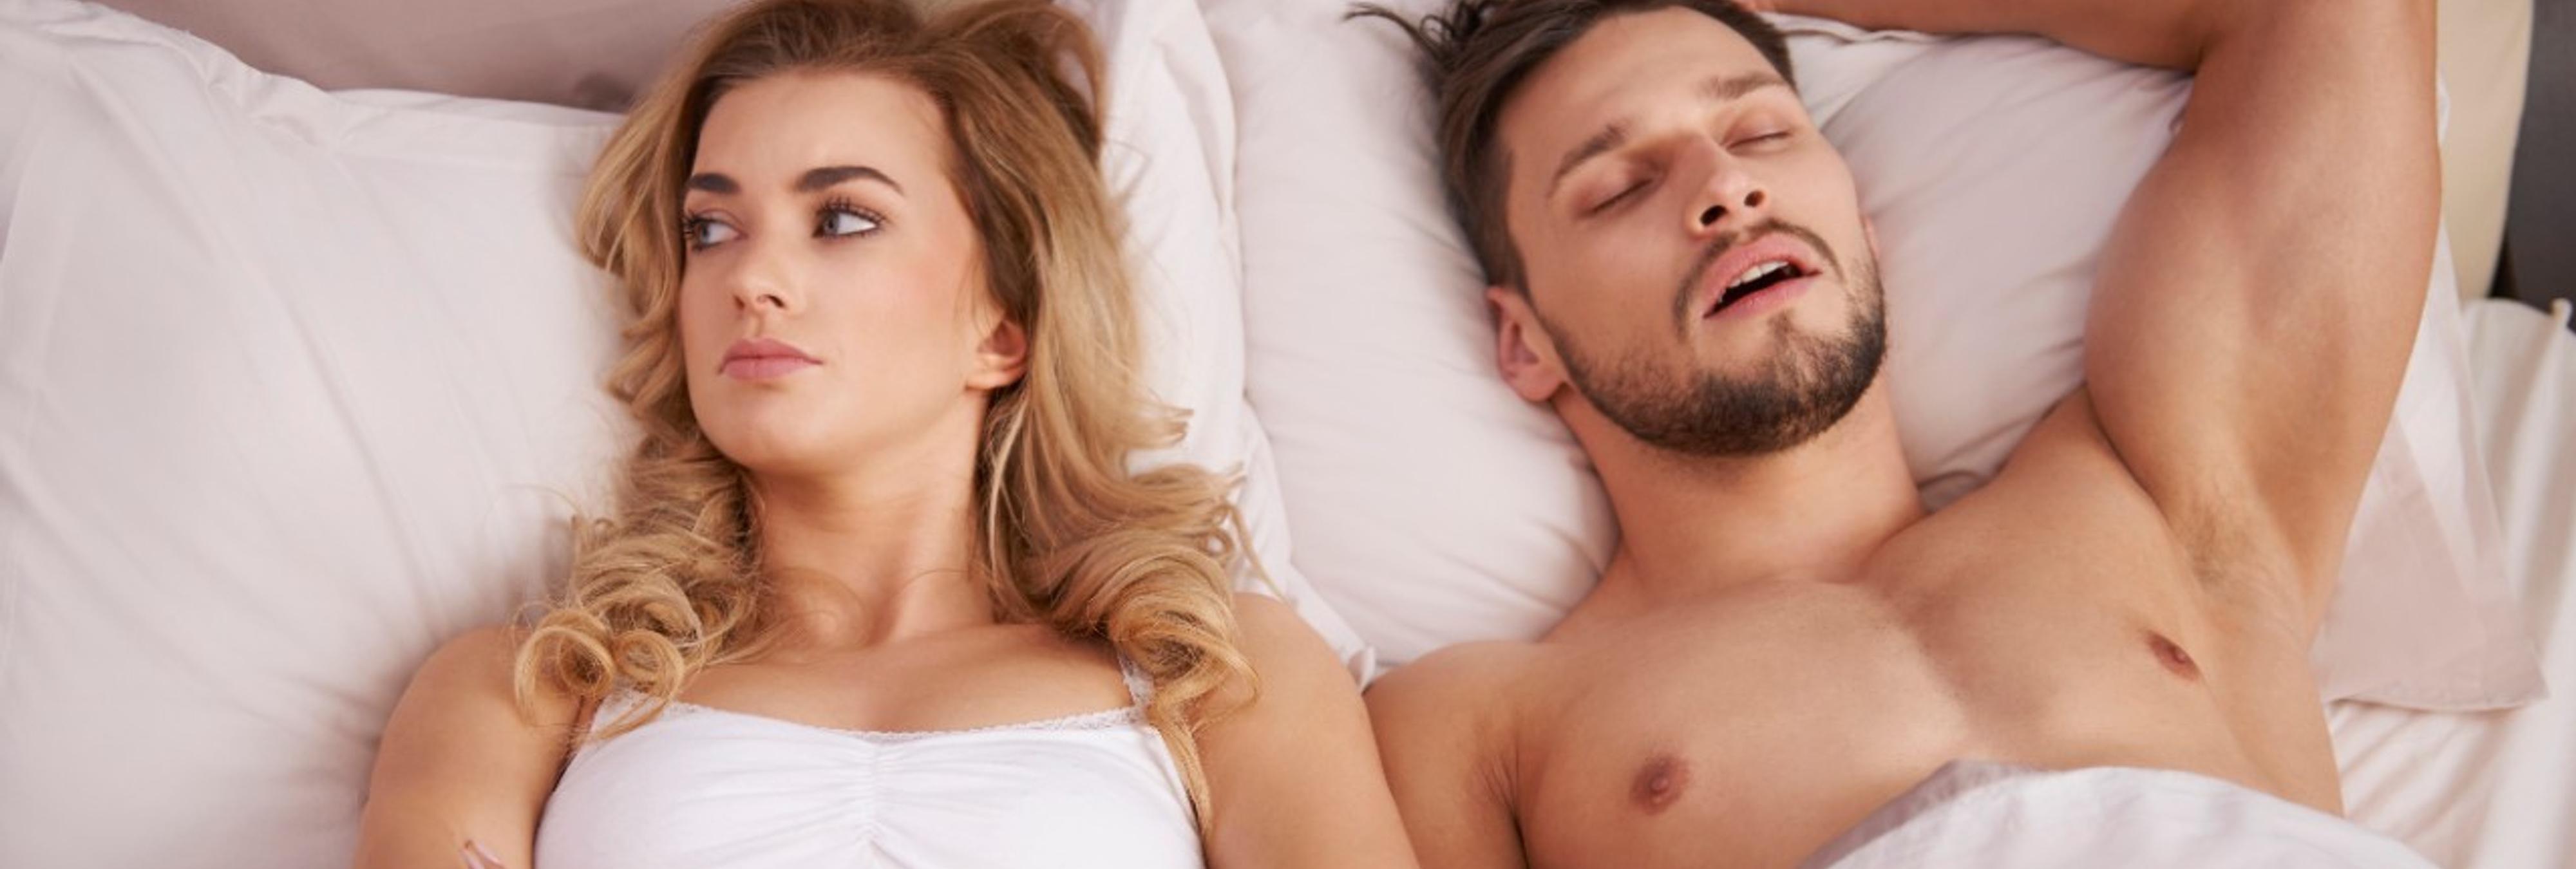 Las mujeres pierden antes el interés por el sexo por este motivo